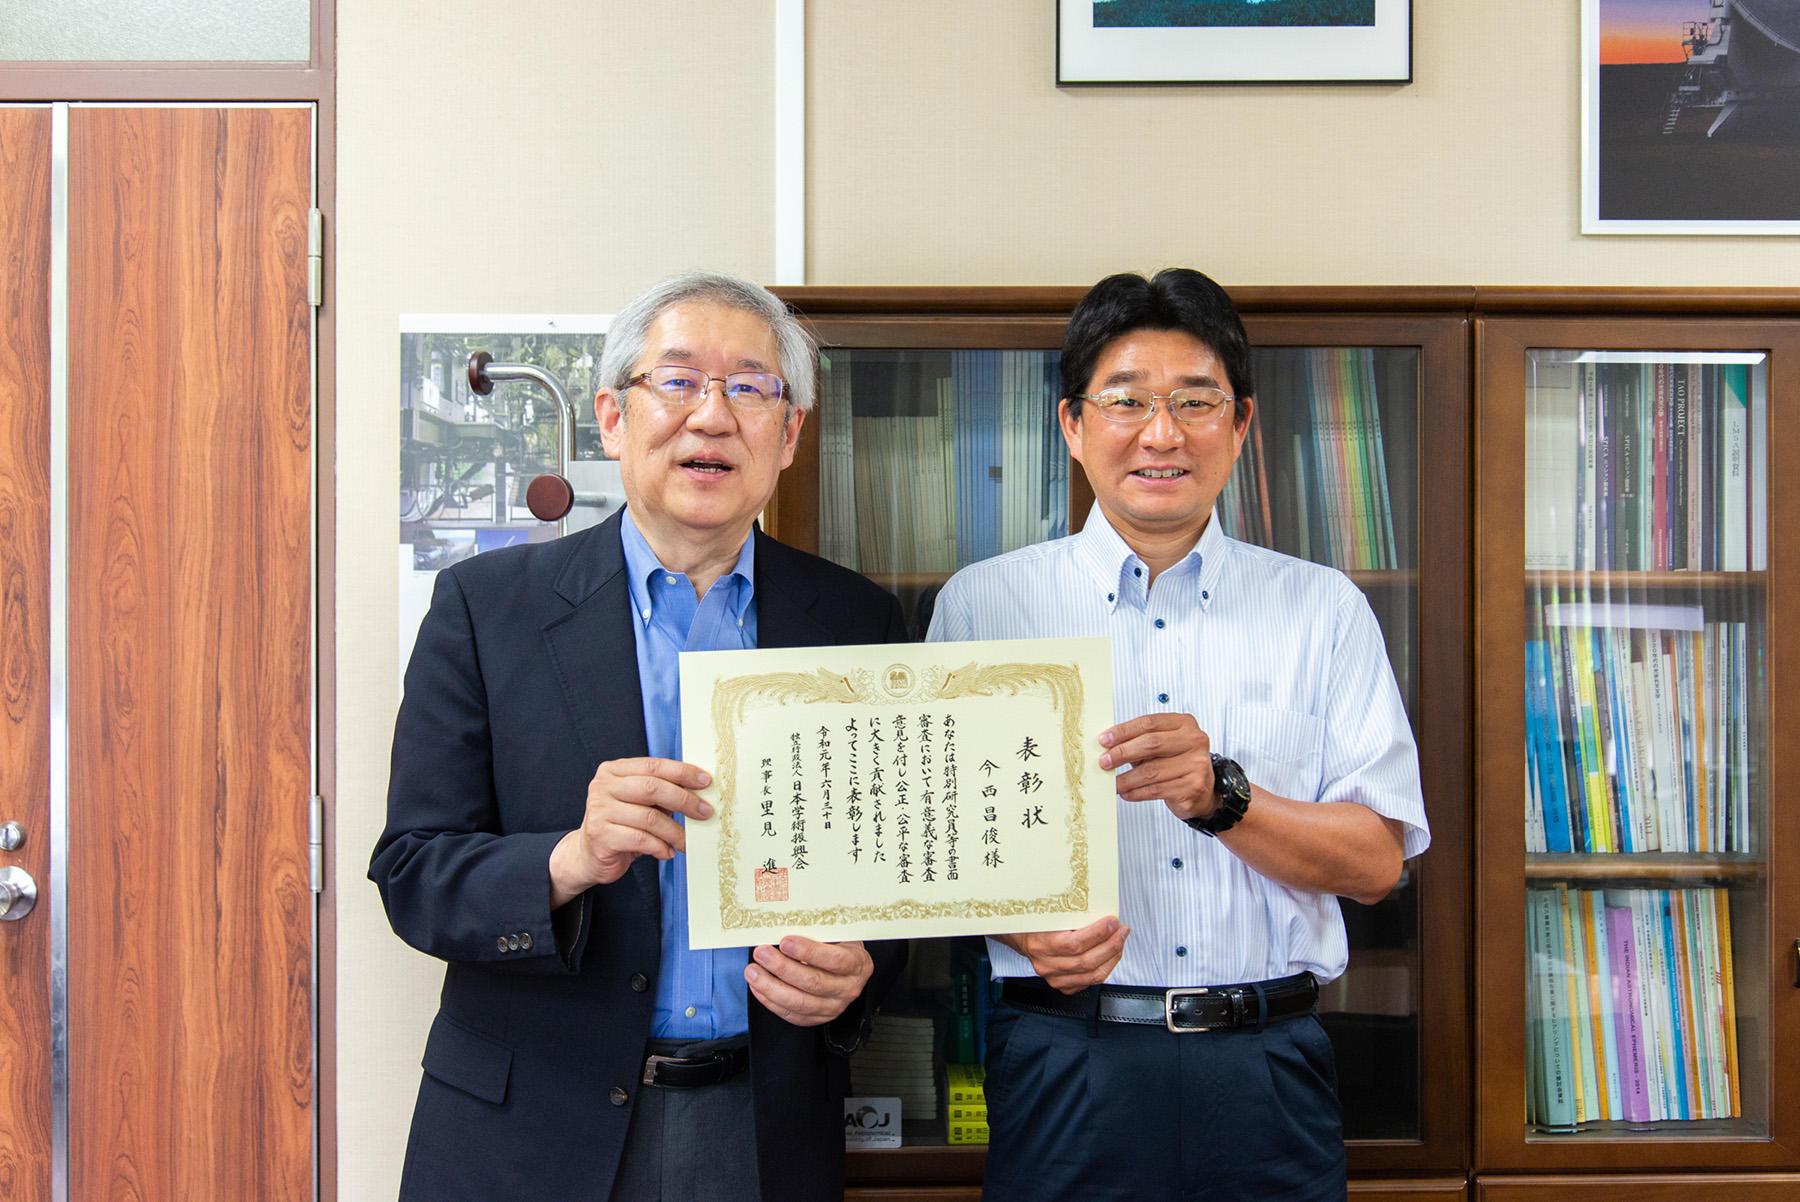 ハワイ観測所・今西昌俊さんが日本学術振興会の審査員表彰を受賞 図